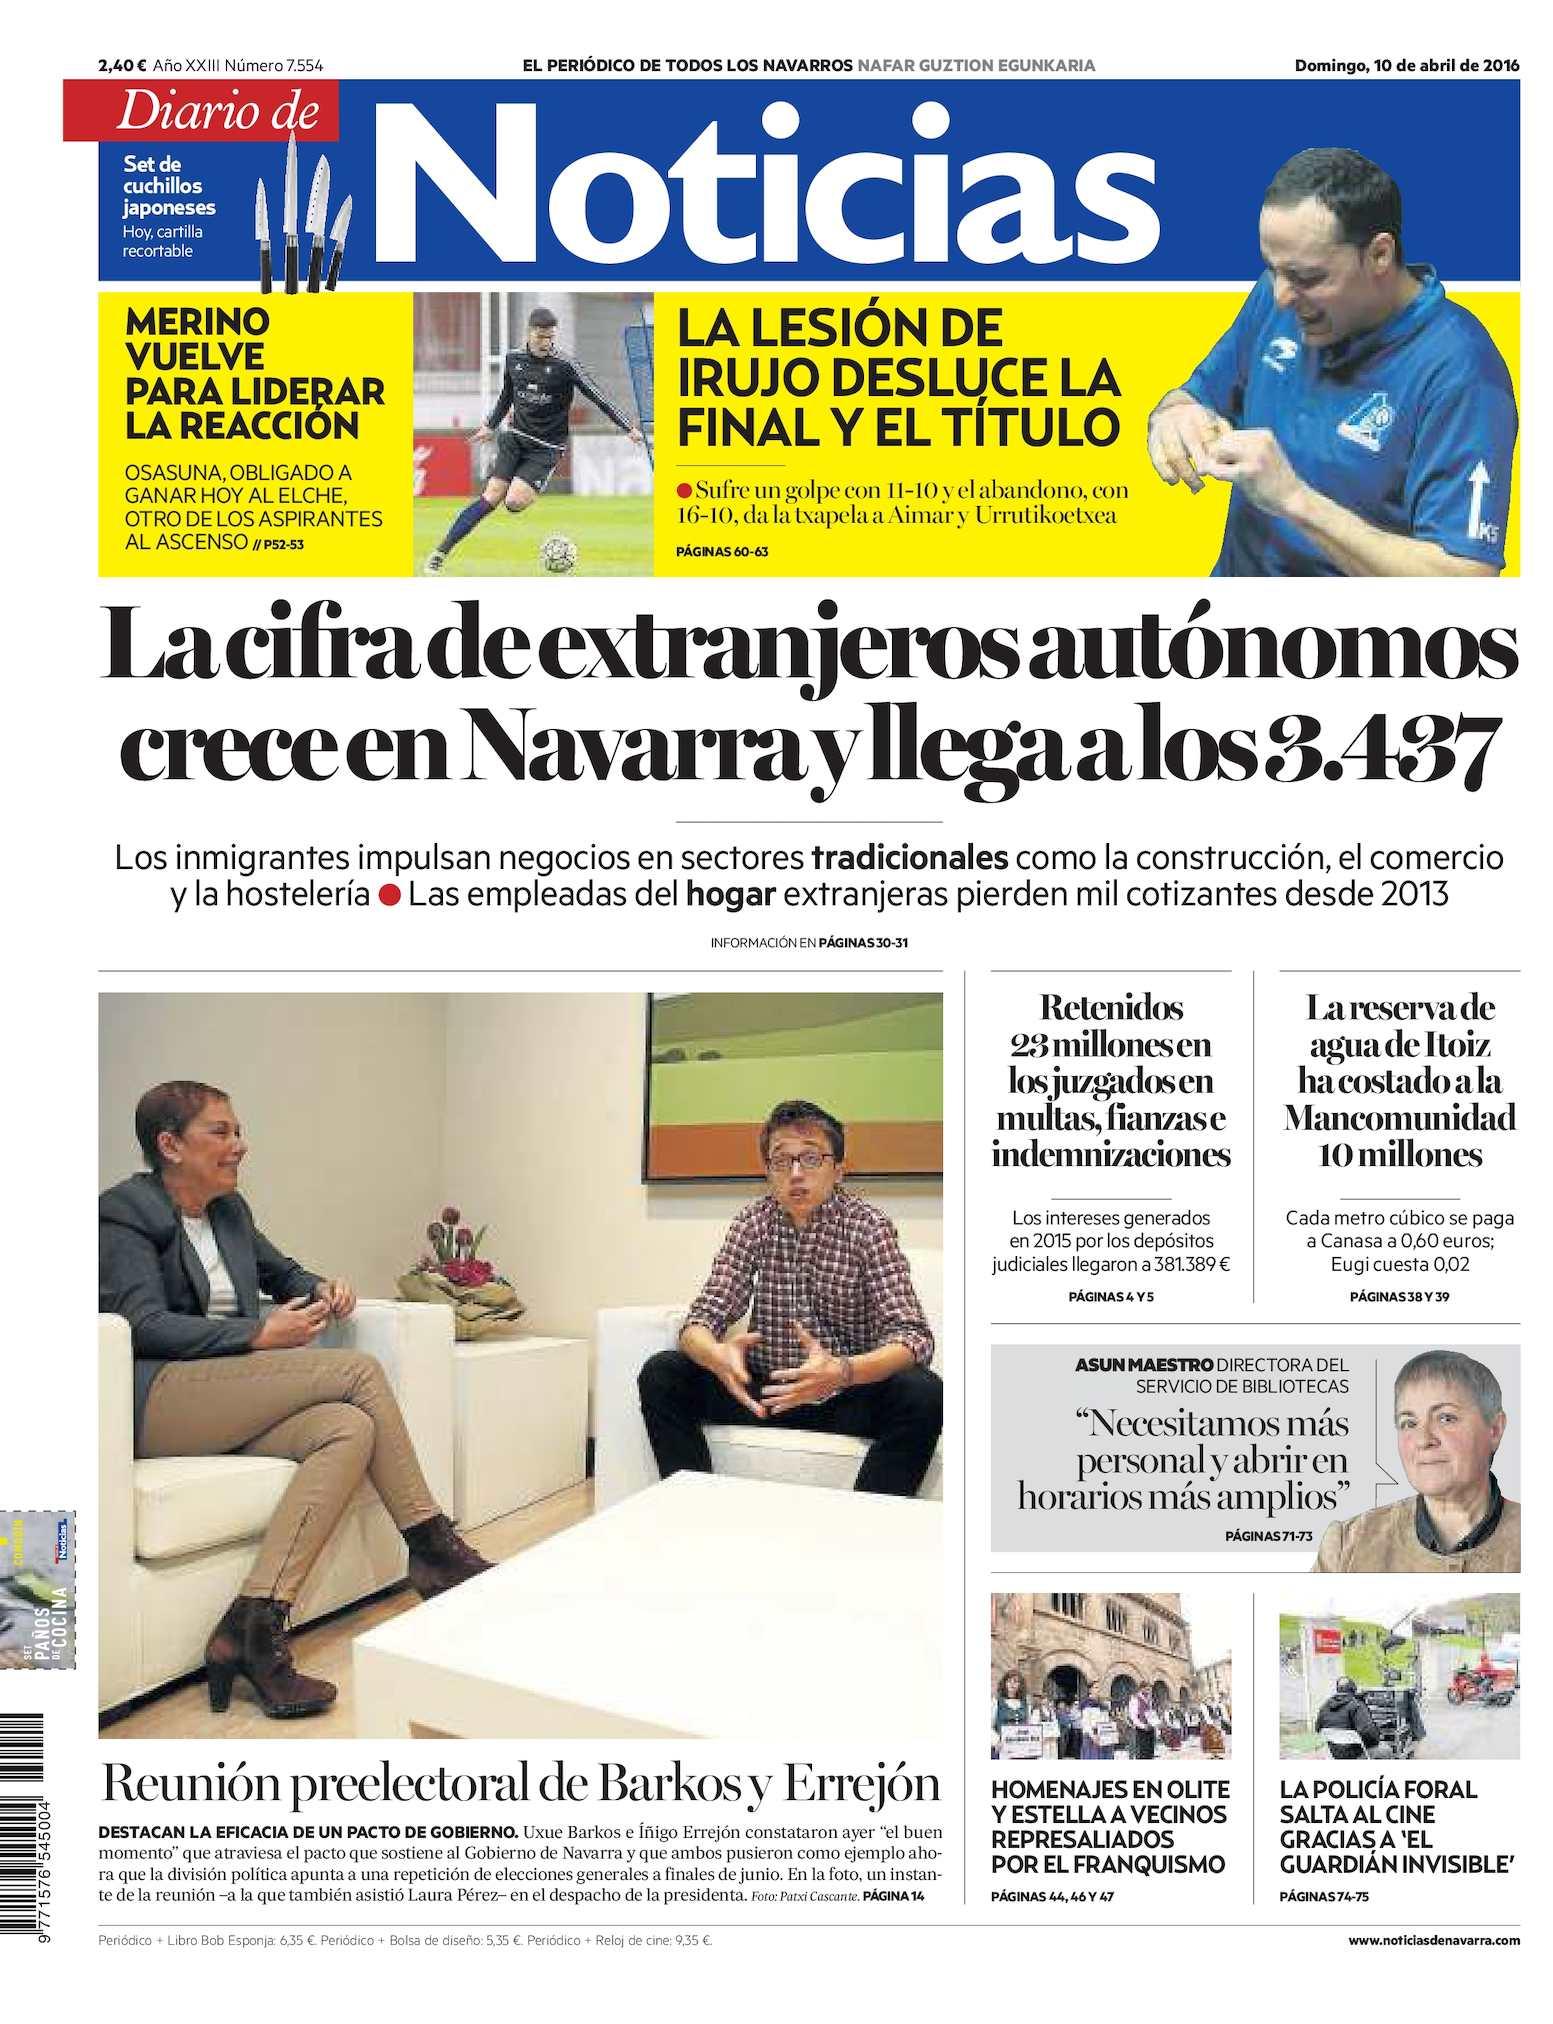 Calaméo - Diario de Noticias 20160410 471e81da4c4